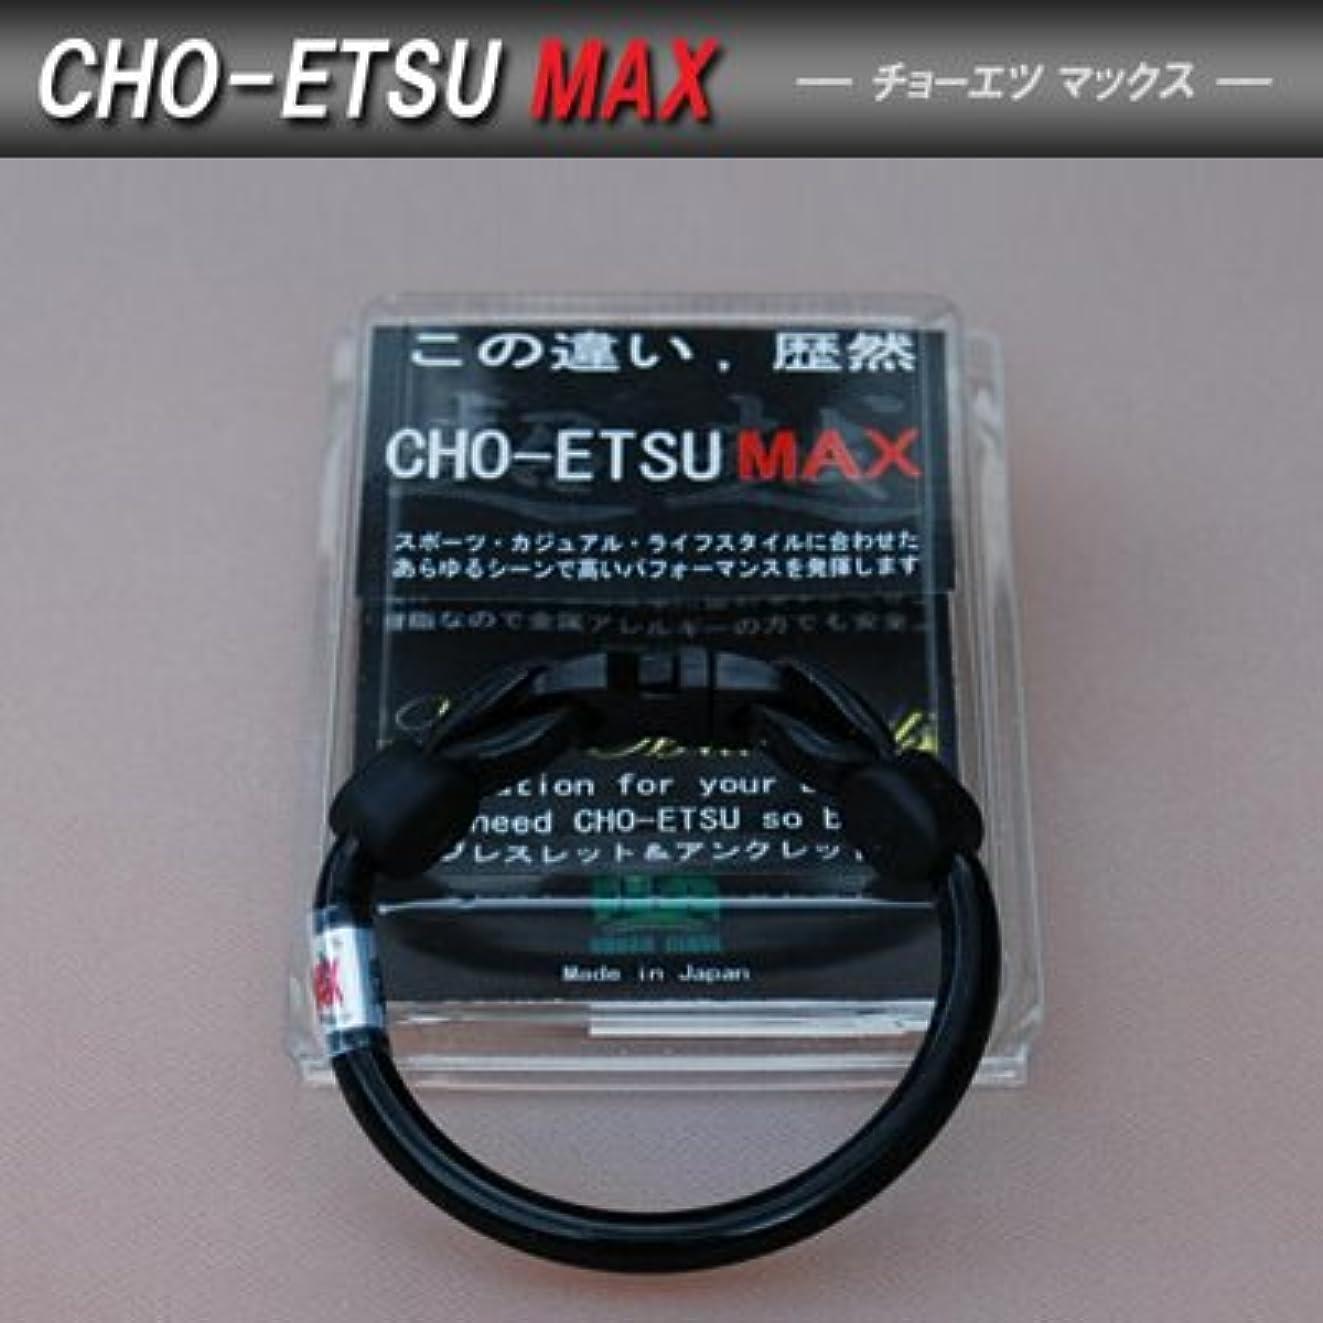 マインドフルバーチャル息を切らして【セルクルX搭載の健康アクセサリー】【新型】超越MAX CHO-ETSU MAX(チョーエツマックス)  ブレスレット&アンクレットLLサイズ ブラック